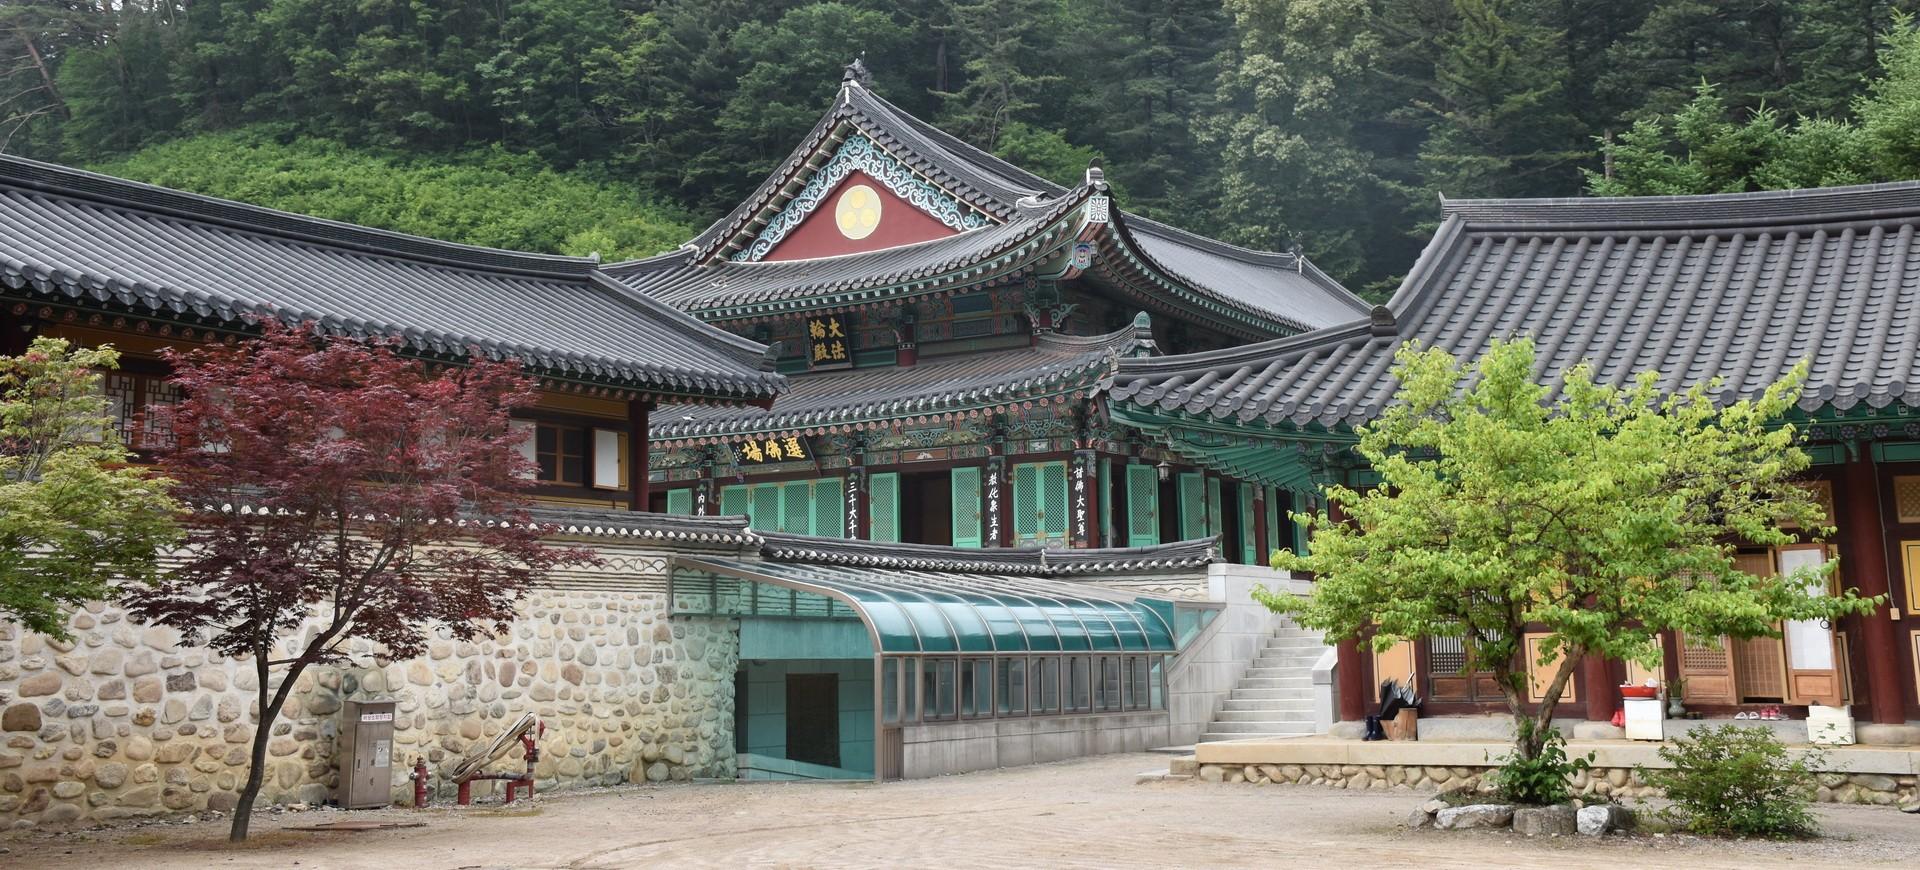 Temple Pyeongchang Temple Wolijeongsa en Corée du Sud